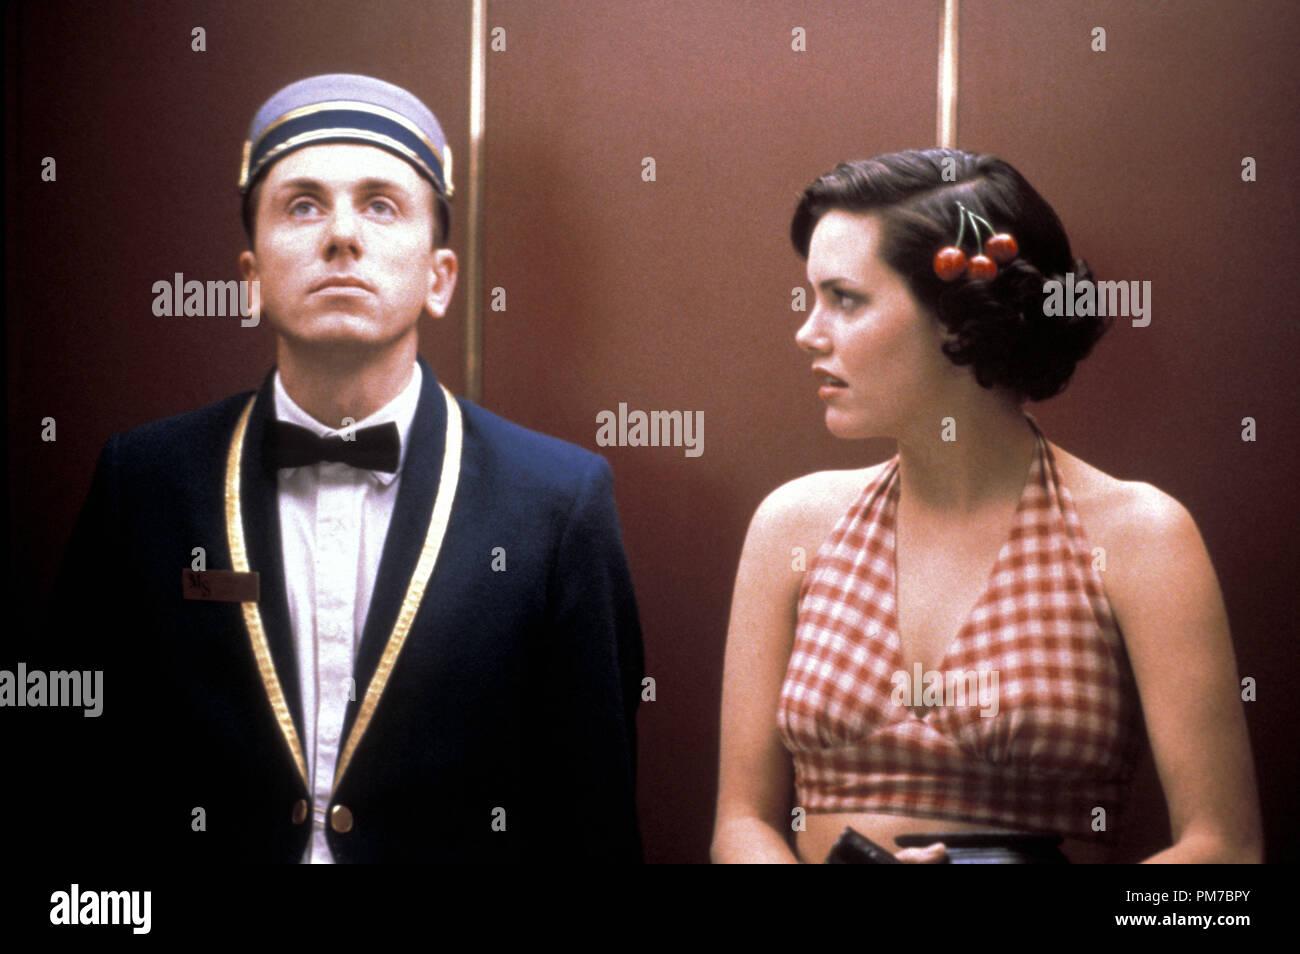 Película sigue de \'Cuatro cuartos\' Tim Roth, Ione Skye © 1995 ...